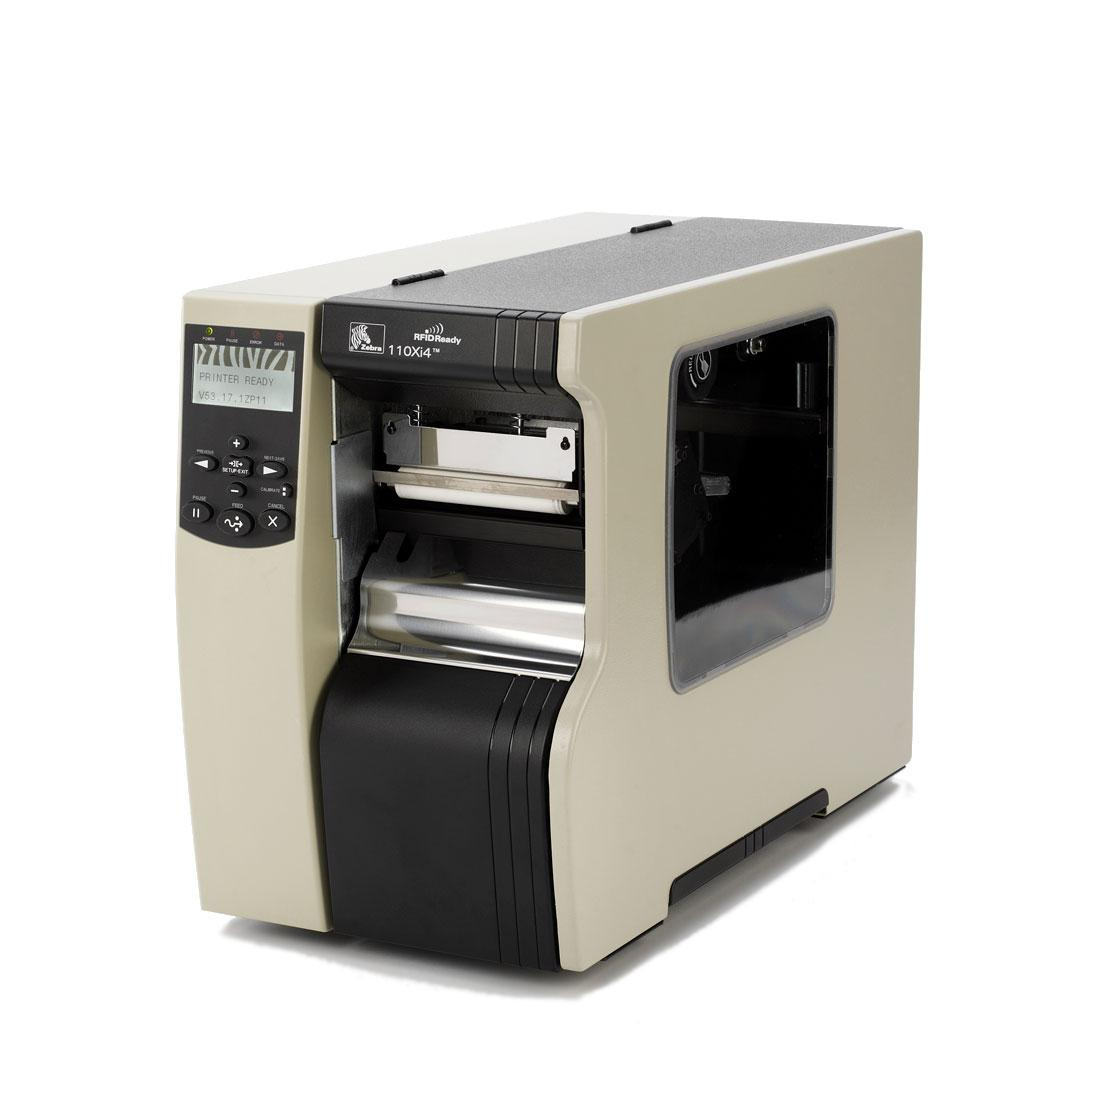 斑马110xi4条码打印机